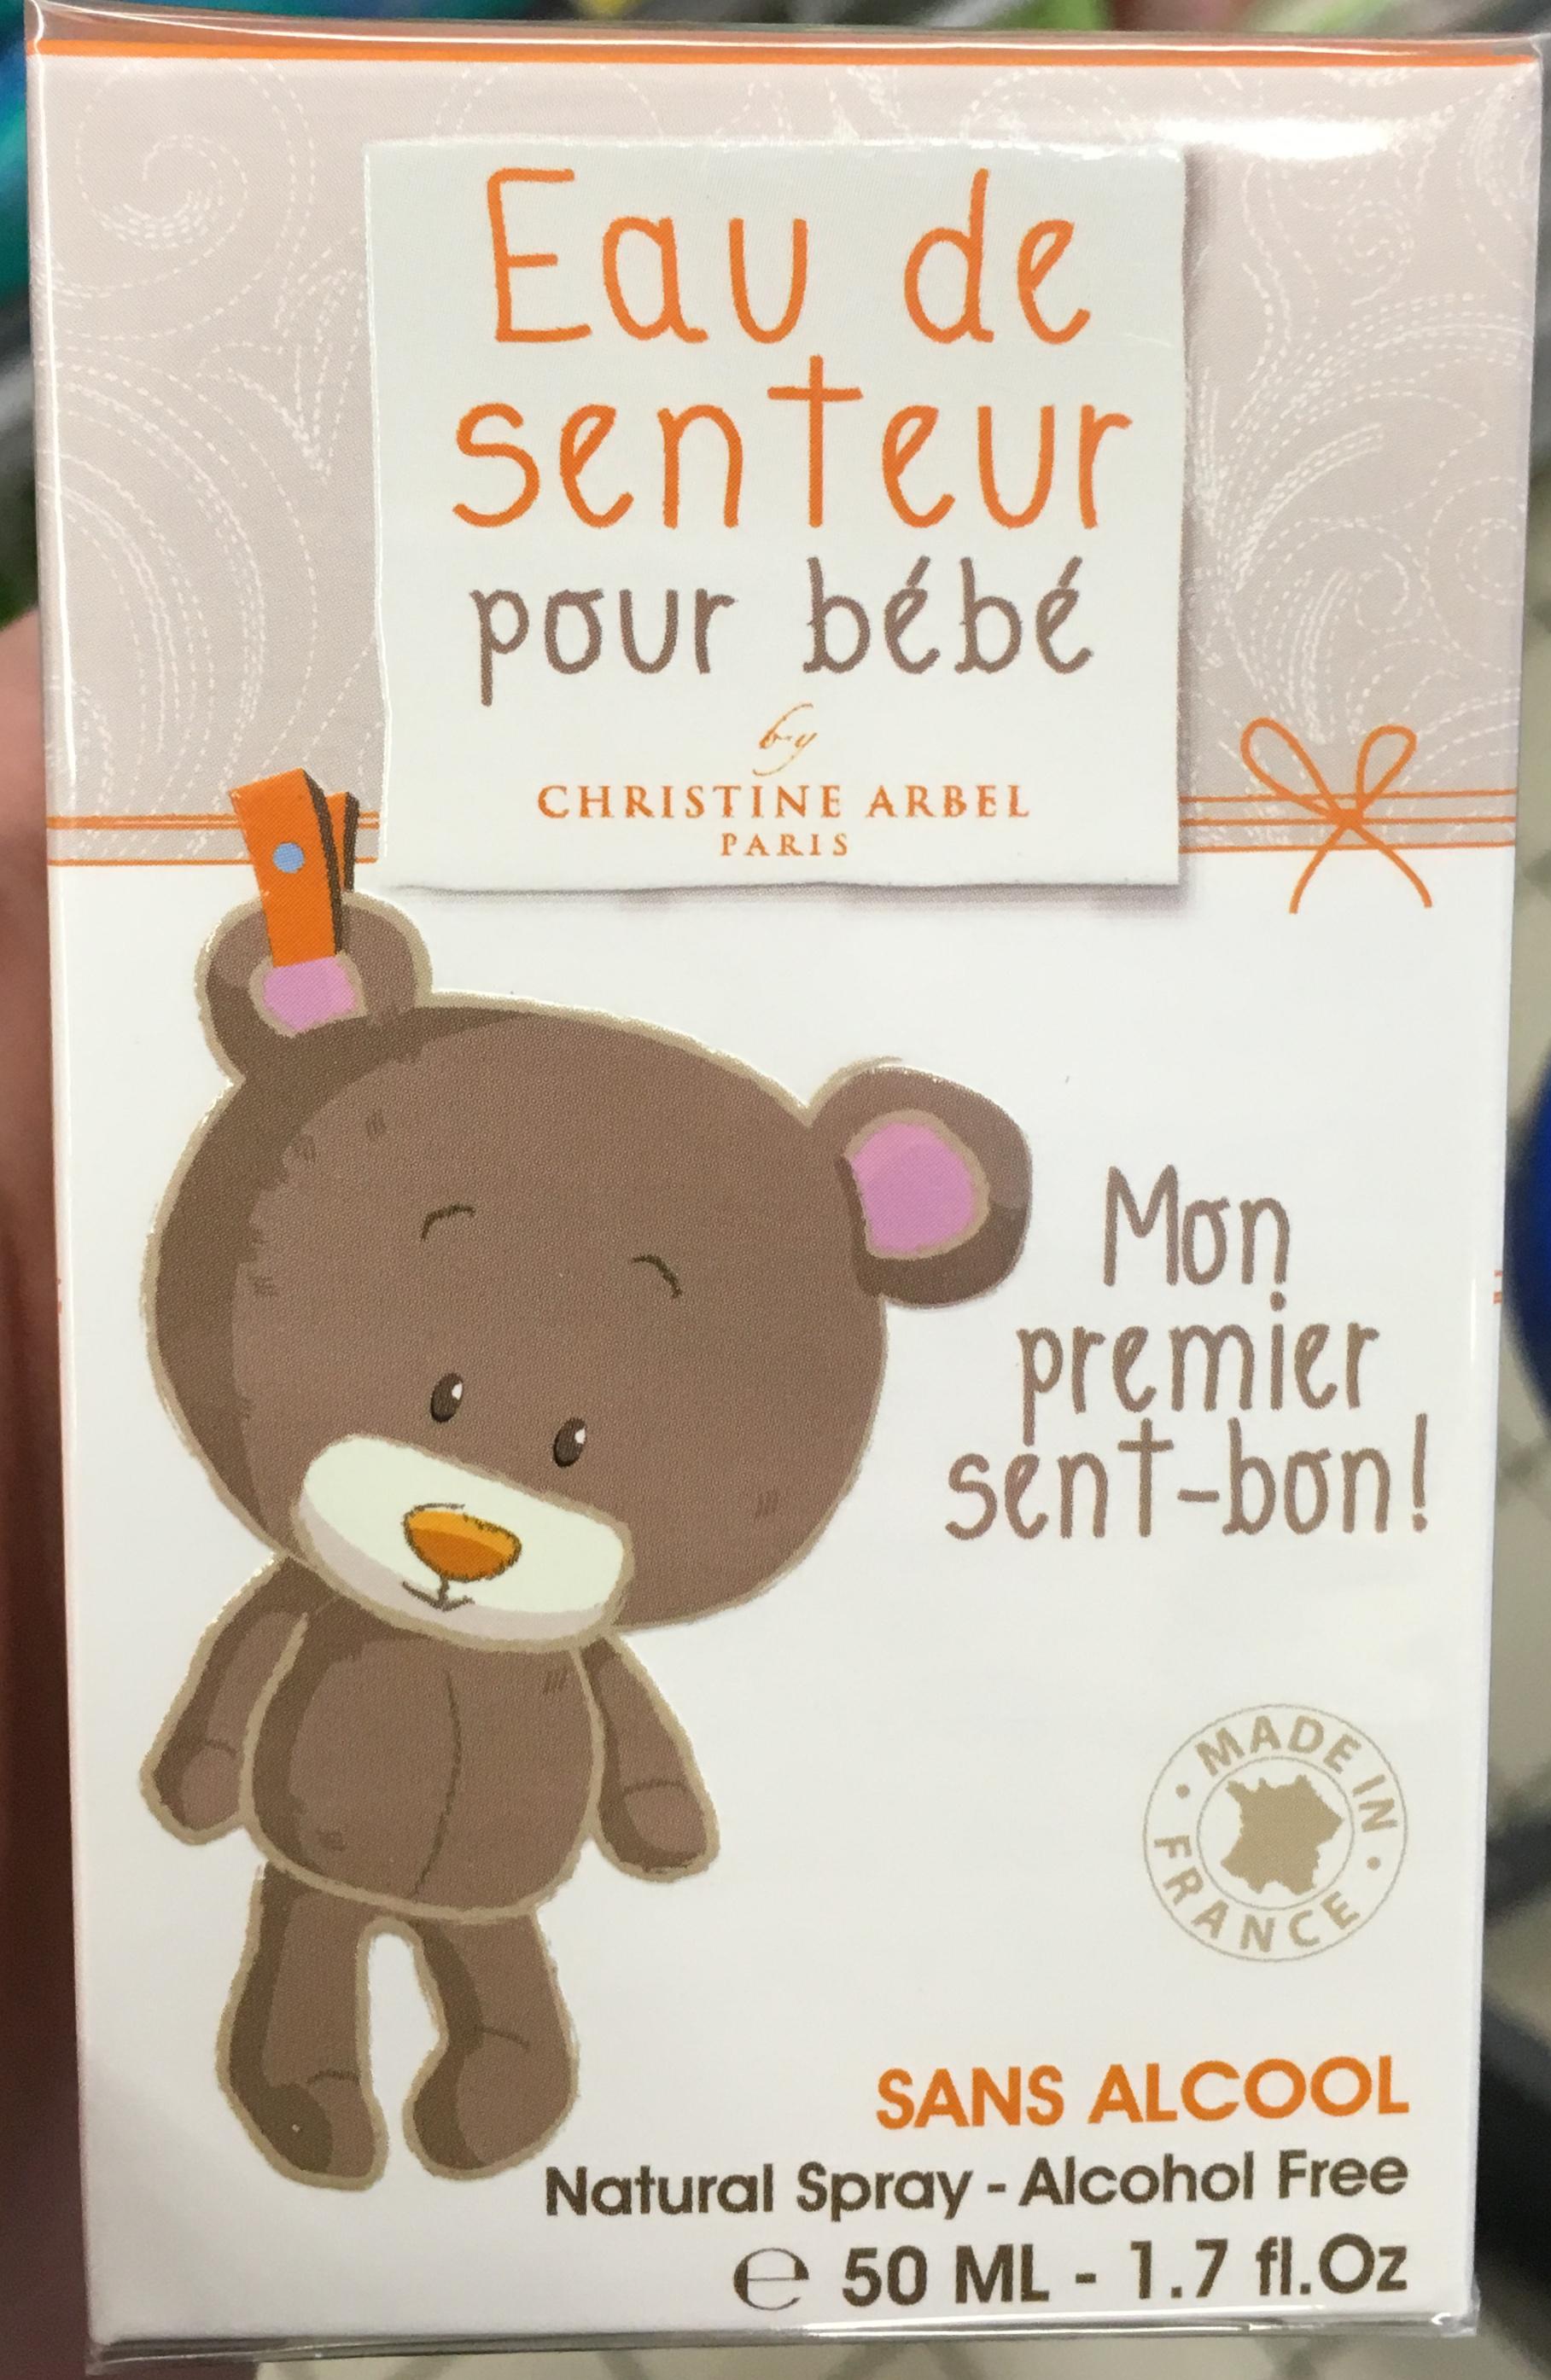 Eau de senteur pour bébé - Produit